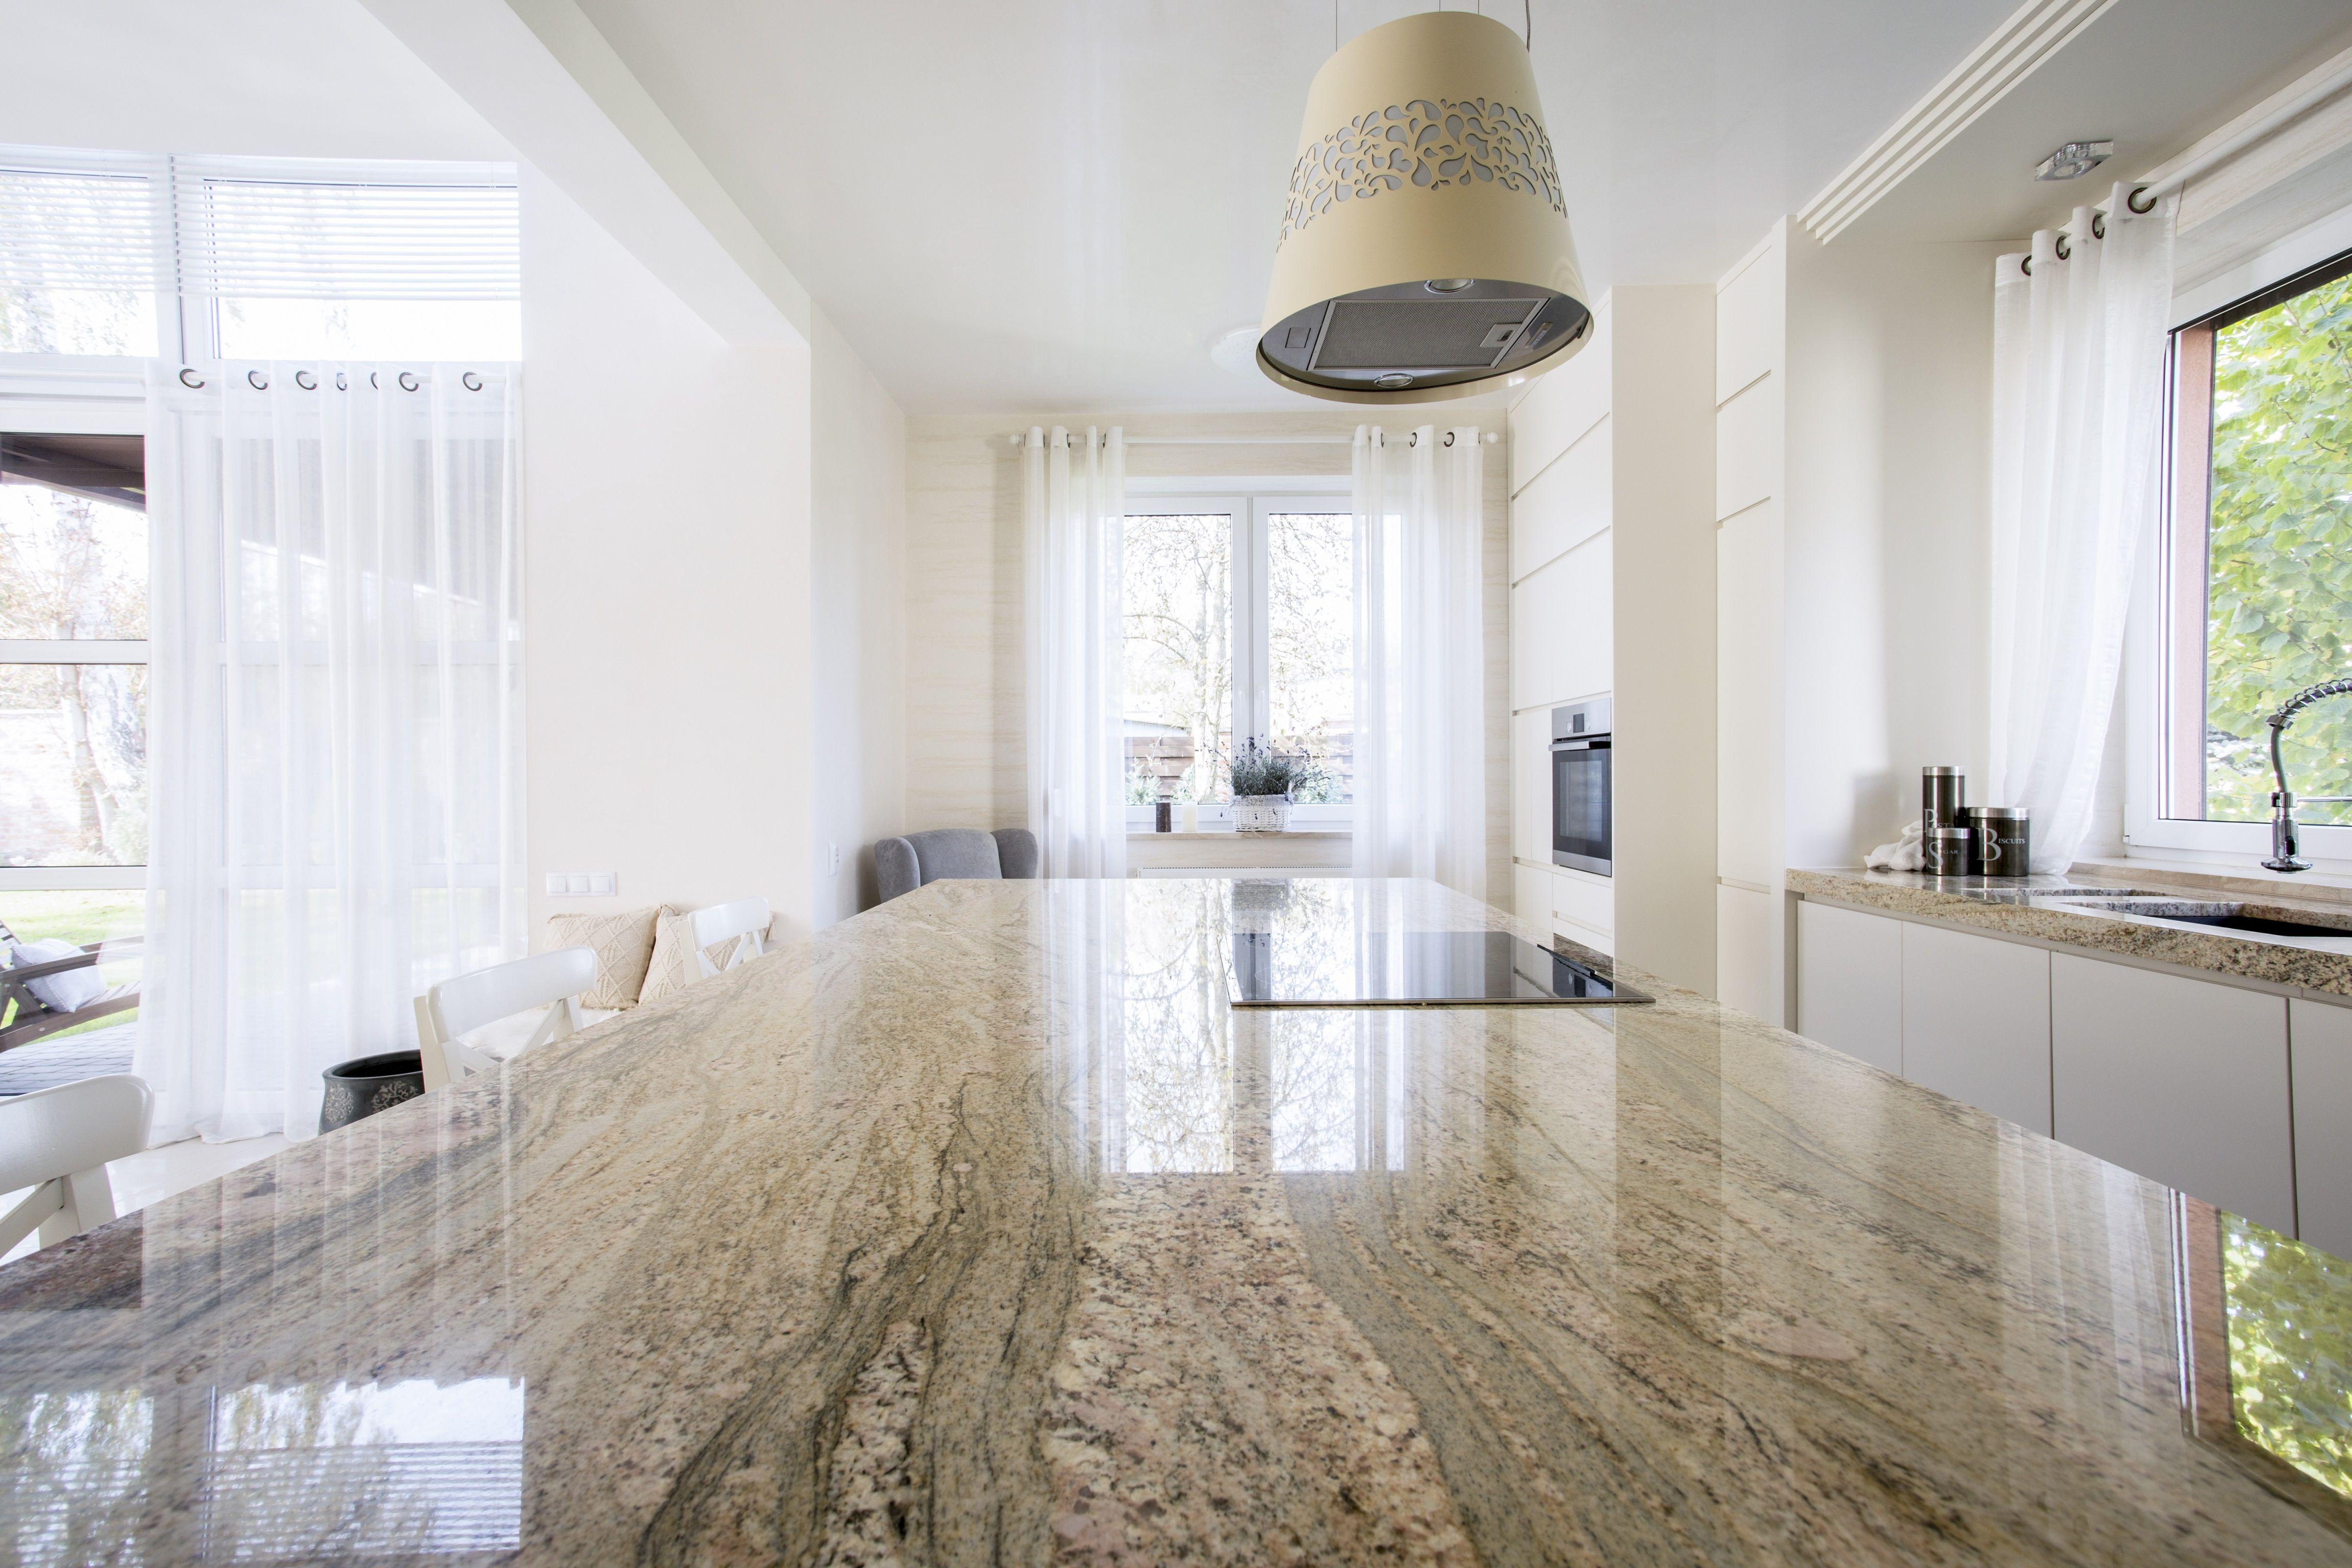 Piekna Otwarta Biala Kuchnia Z Marmurowym Blatem Przy Wyspie Kuchennej Zestaw Bialych Drewnianyc Granite Countertops Custom Granite Countertops Countertops